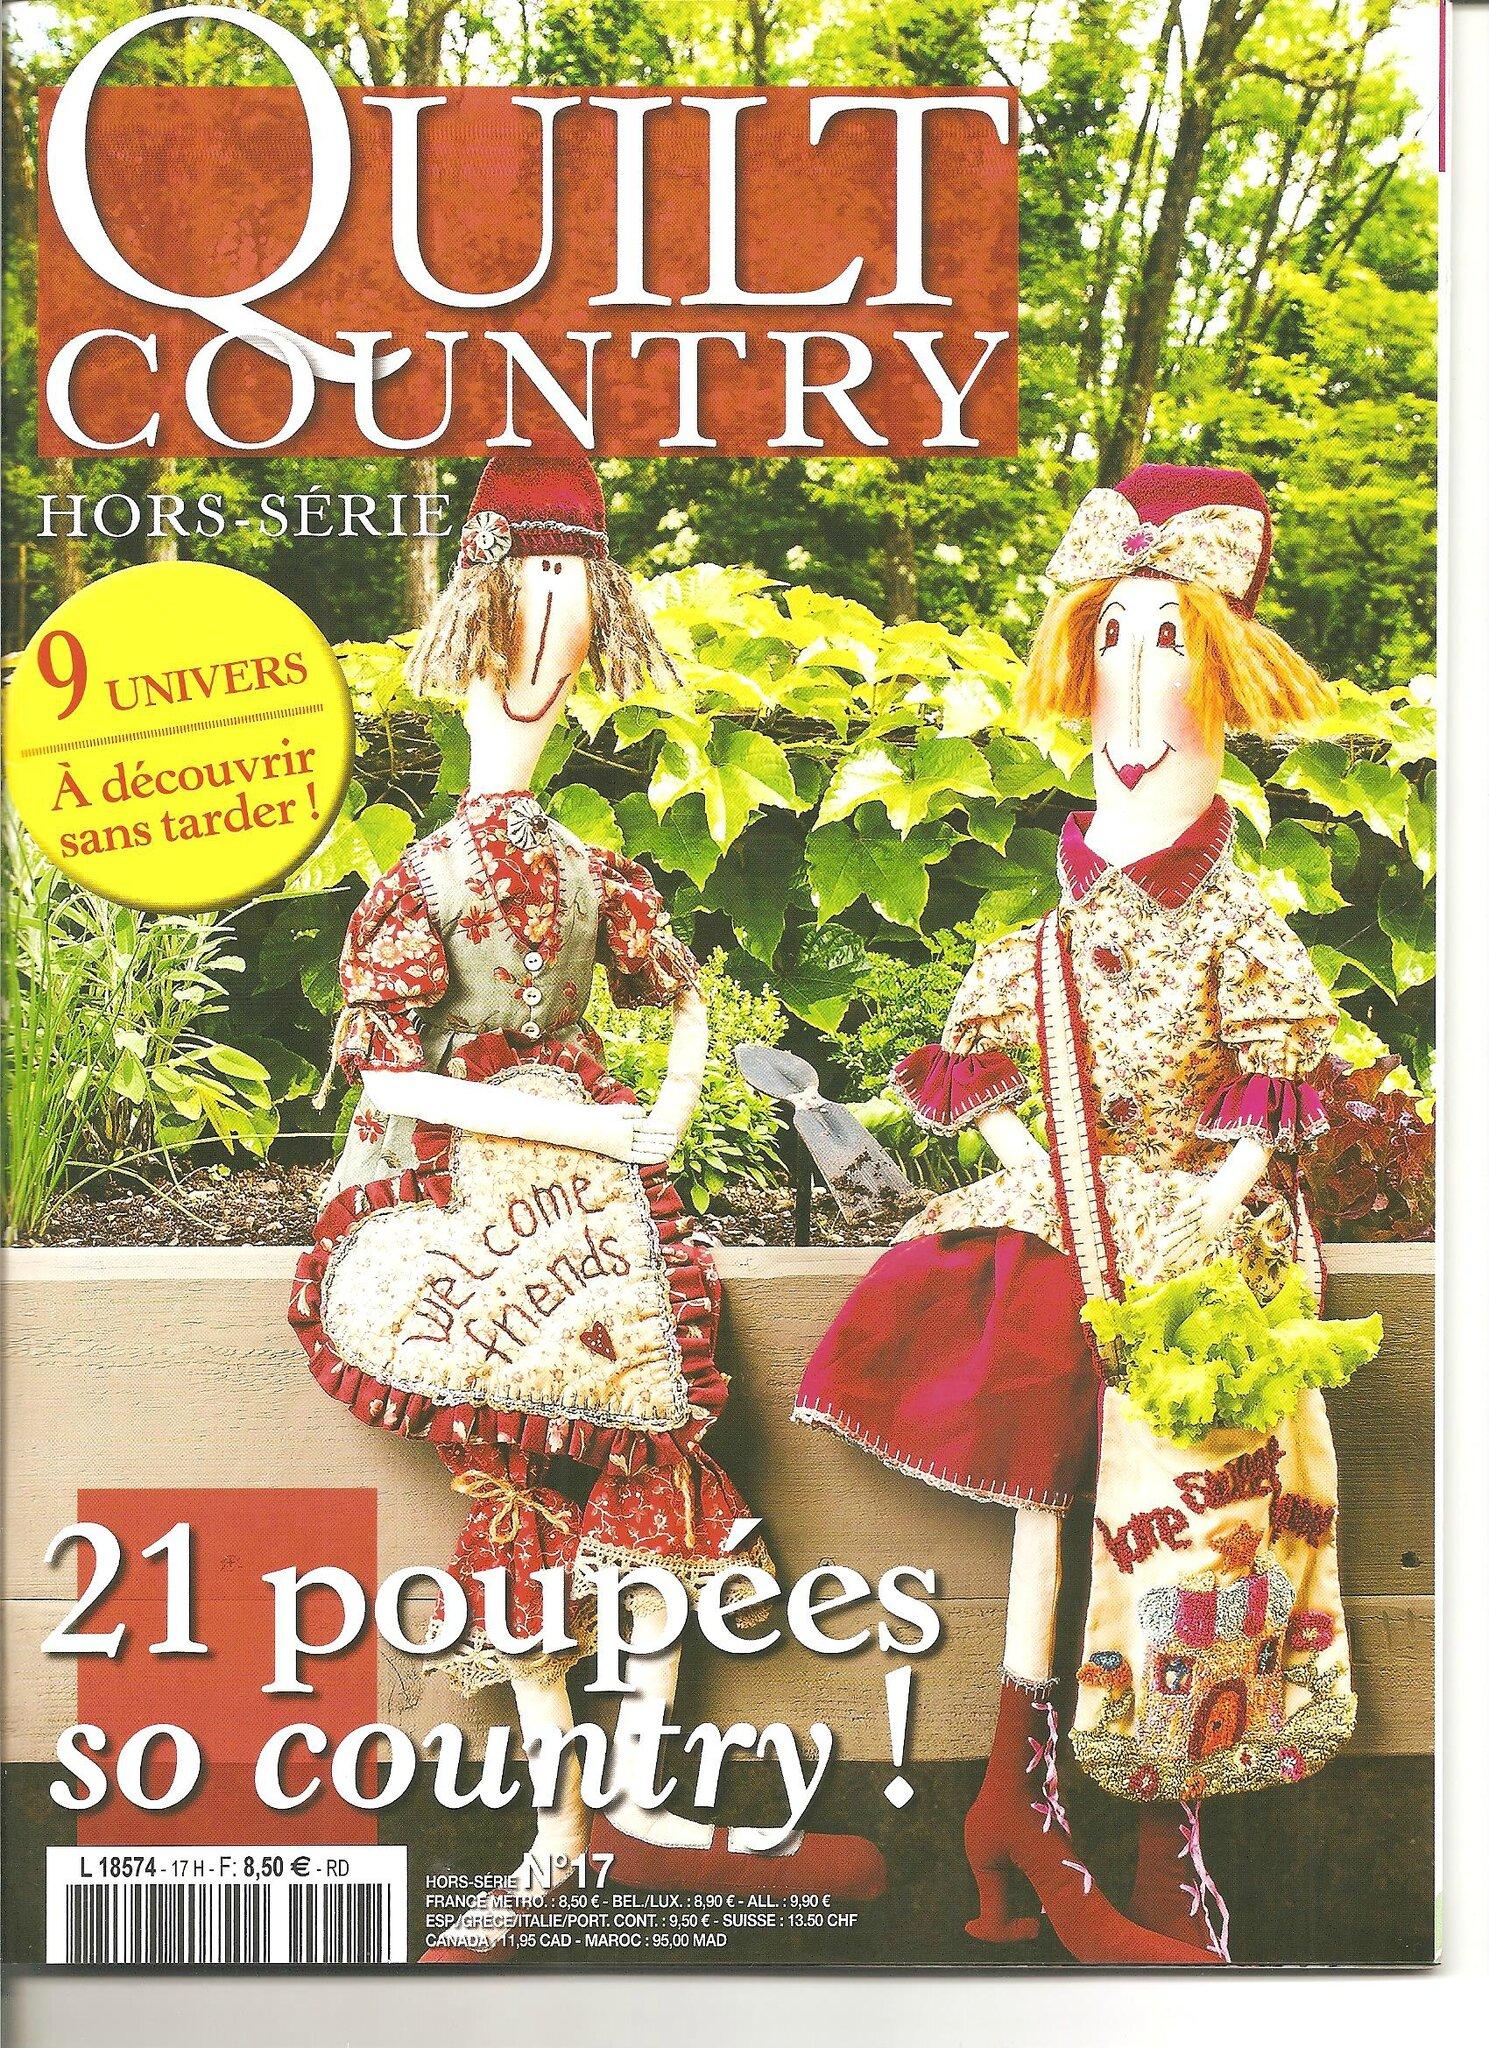 * Hors série : 21 poupées so country